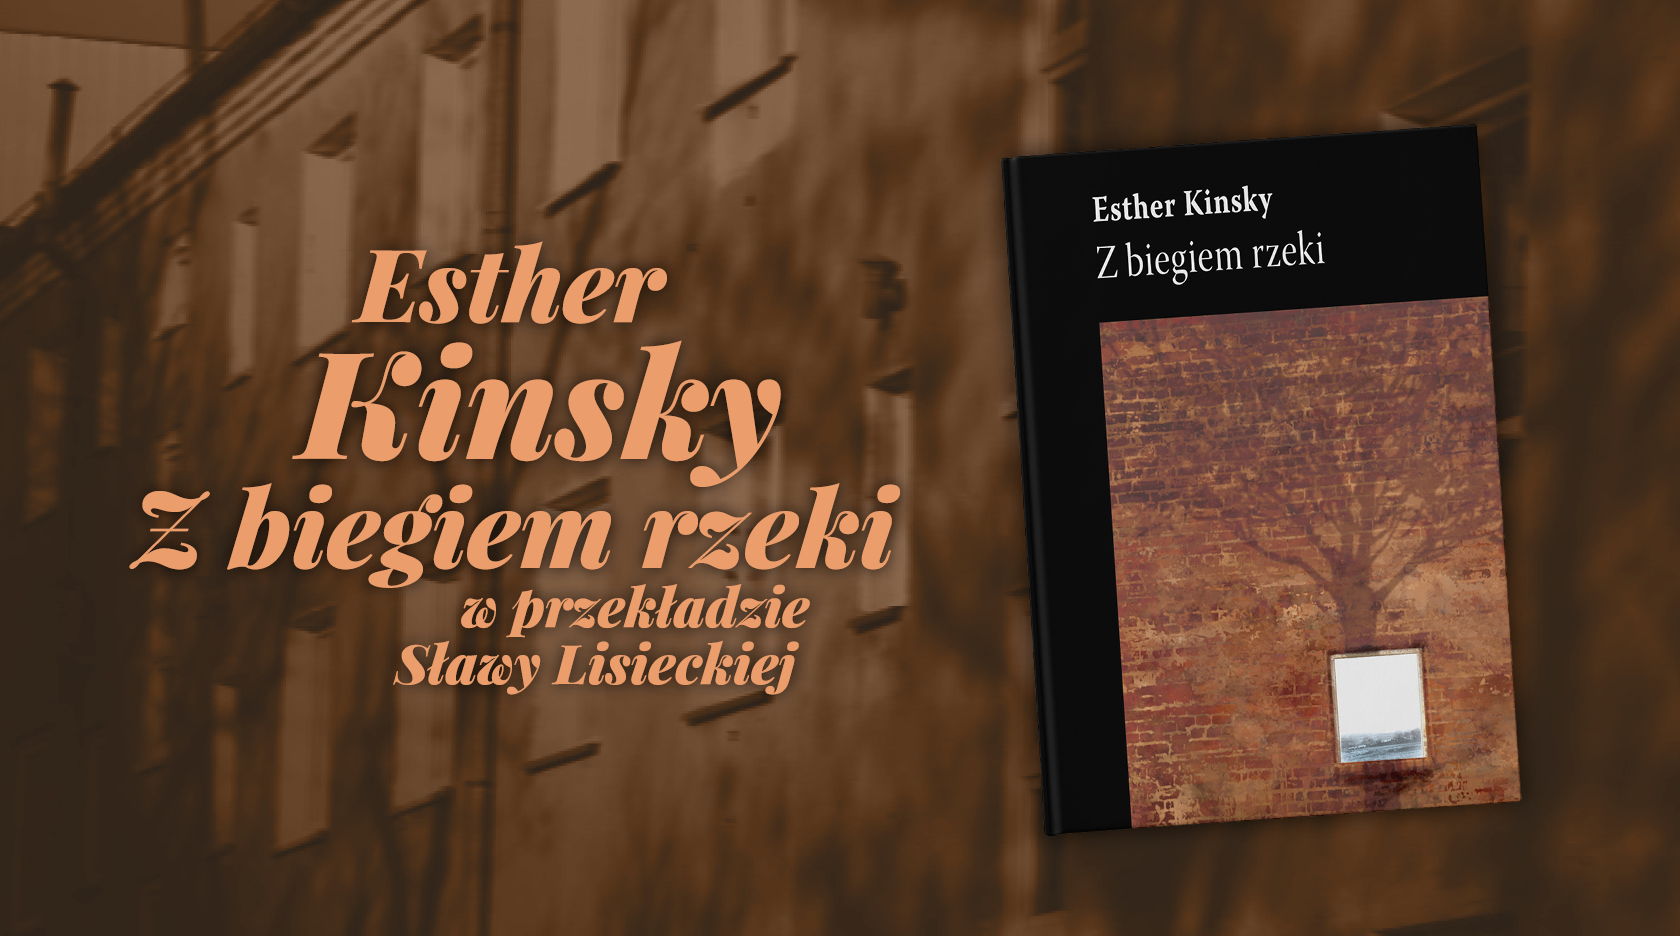 BL Img 2017.08.03 Książka Kinsky w przekładzie Sławy Lisieckiej_www_top